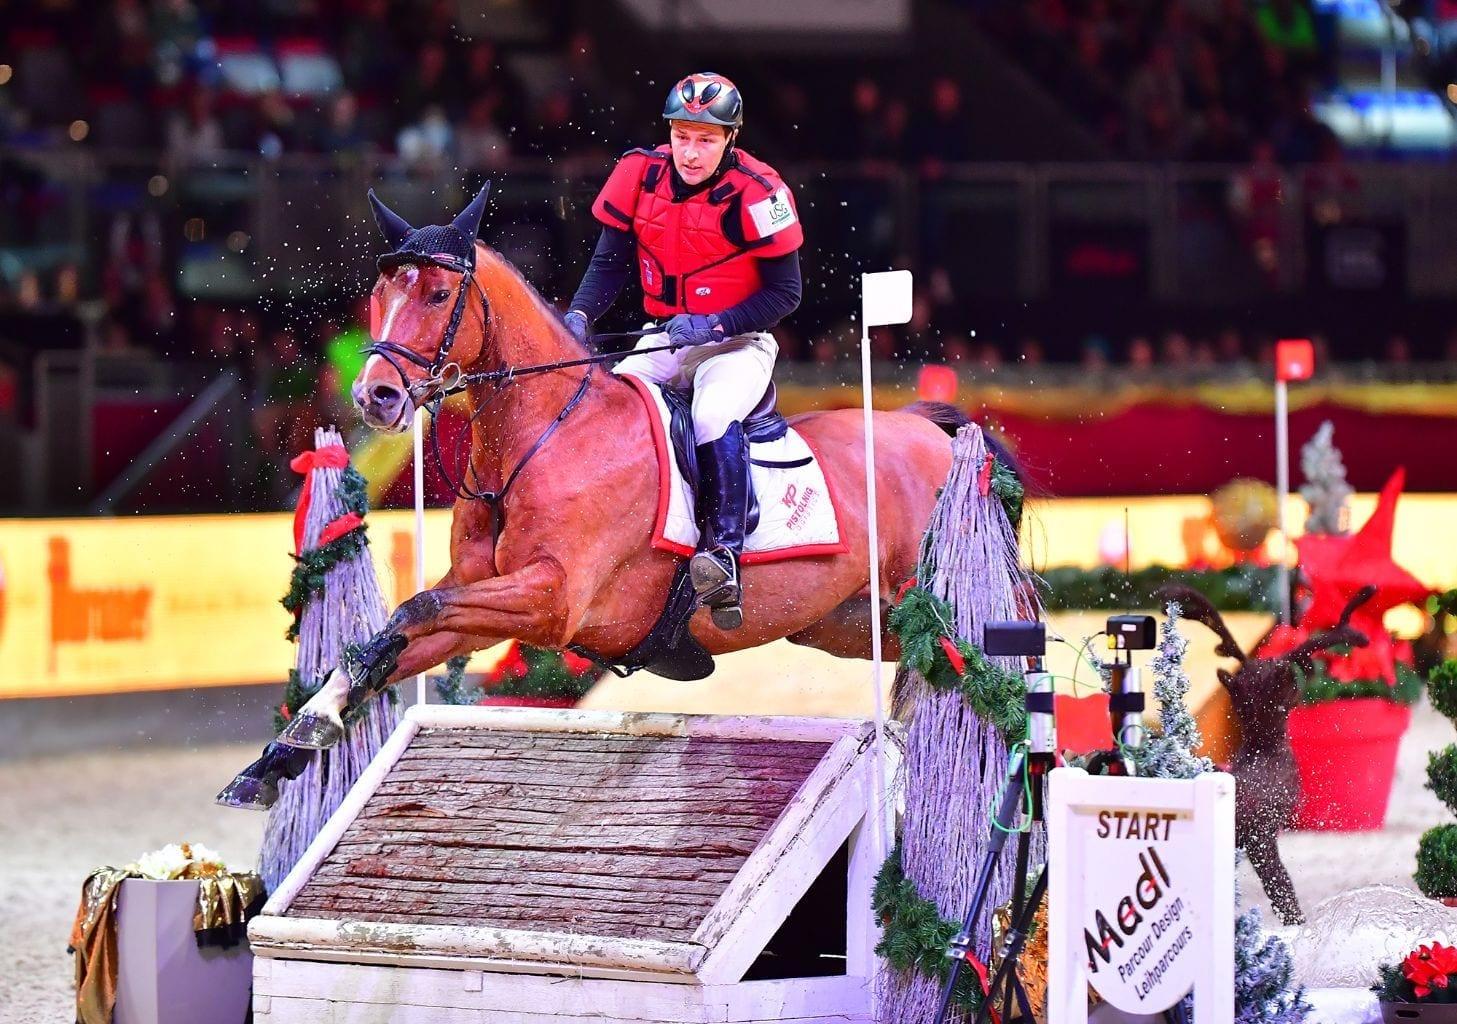 Impressionen von der Amadeus Horse Indoors. © im|press|ions – Daniel Kaiser